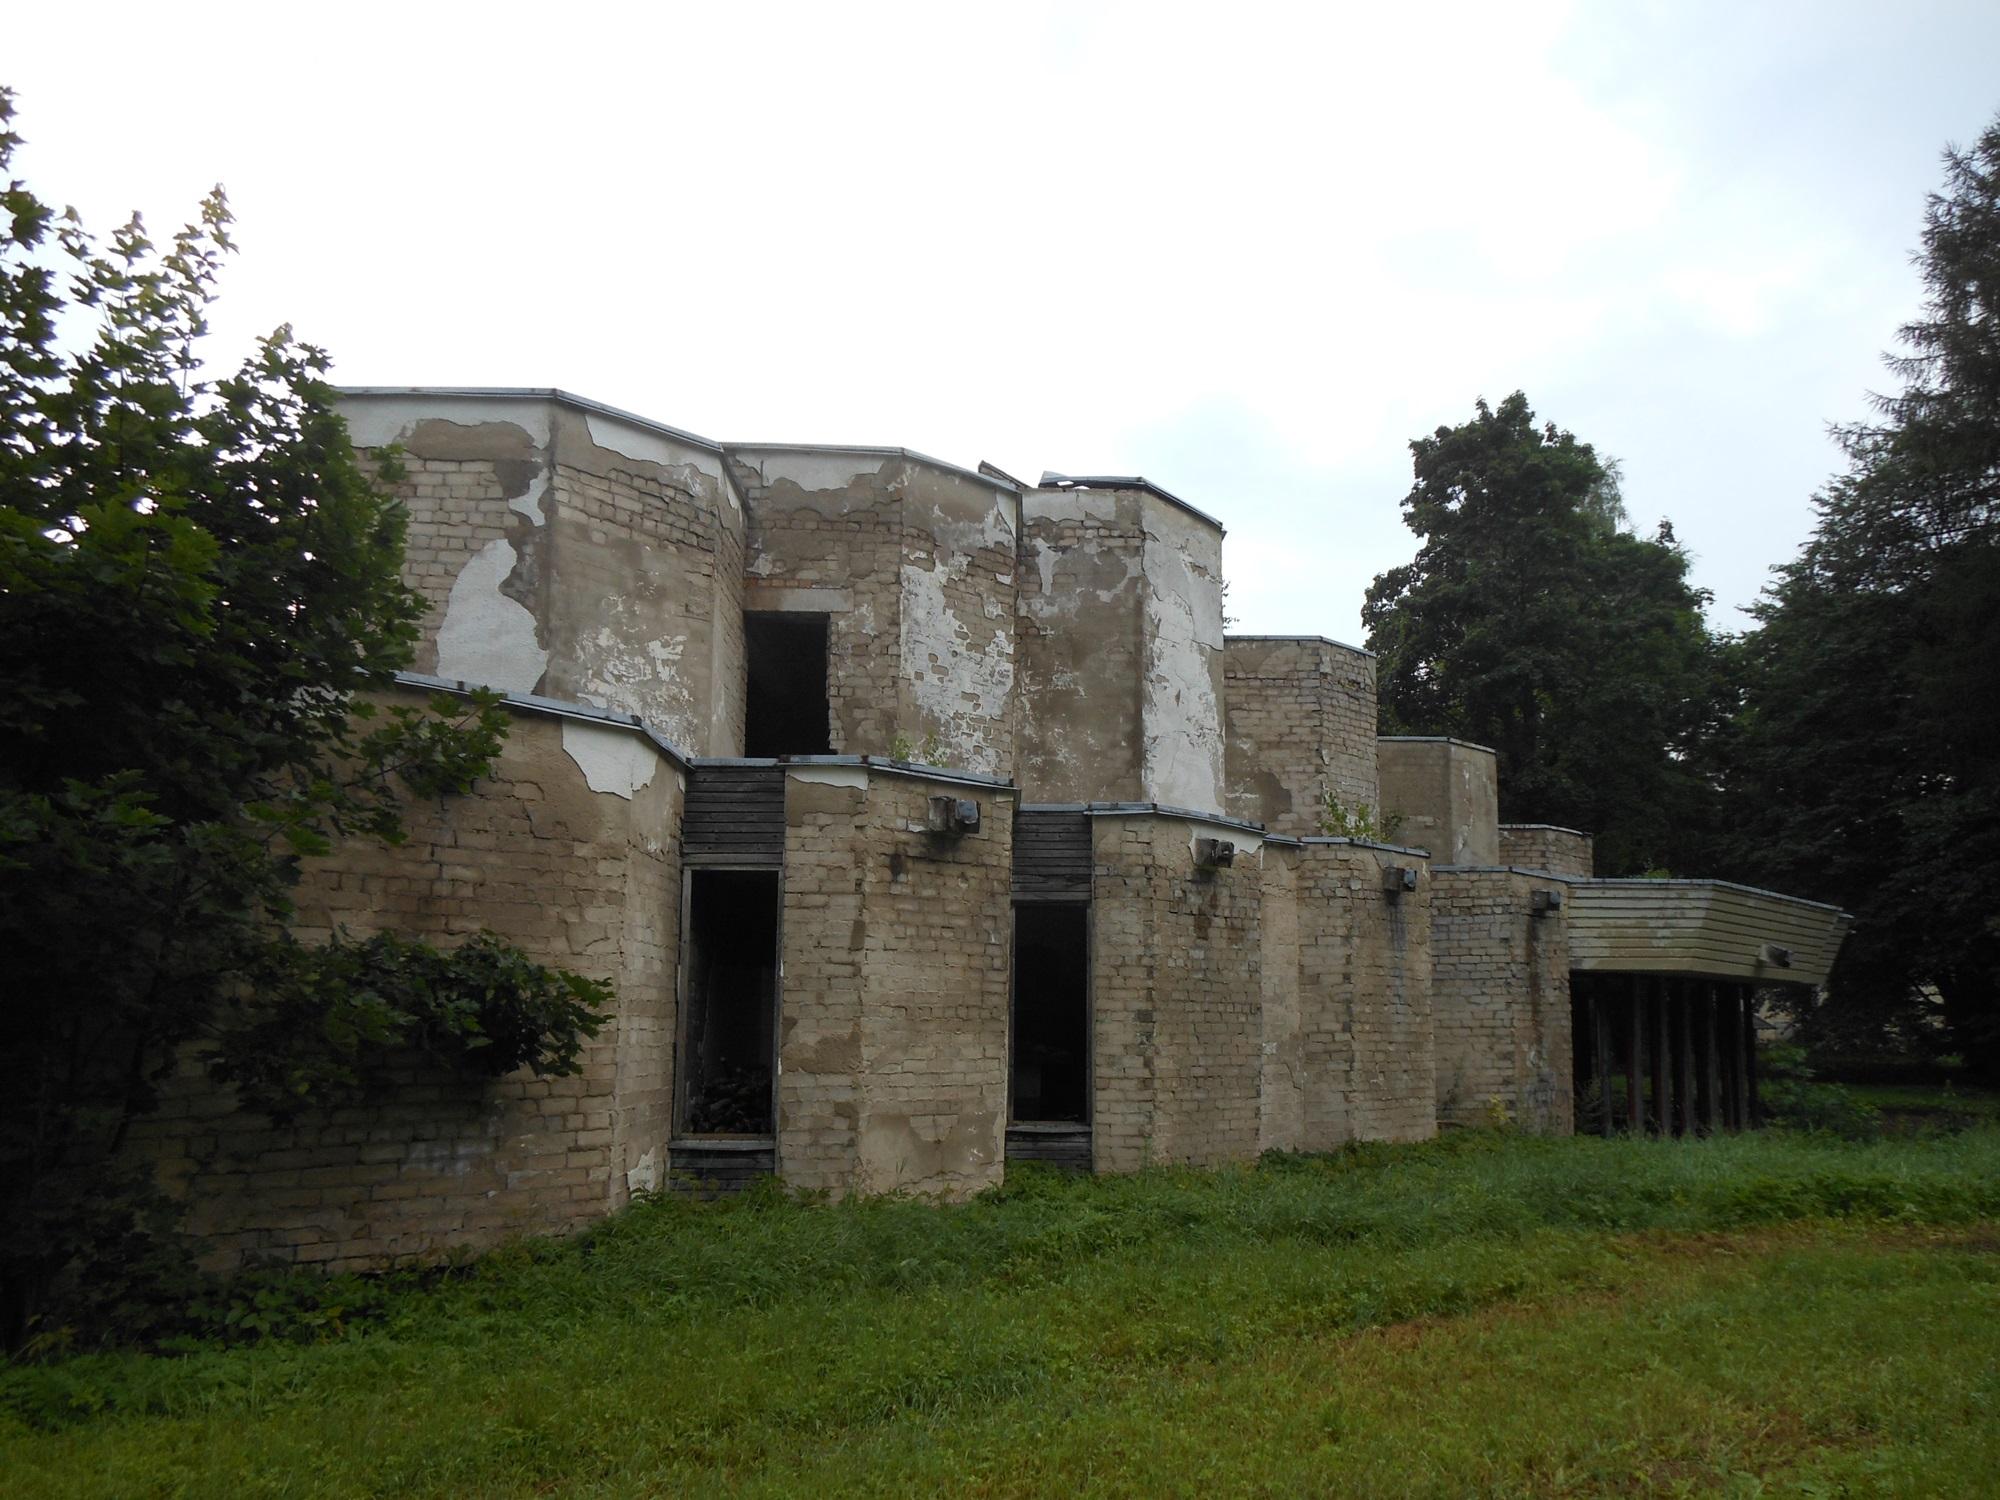 Jakov Sverdlovi nimelise (hiljem Tsooru) kolhoosi keskushoone, arhitekt Toomas Rein, ehitati aastatel 1969–1977. Foto: Laura Ingerpuu